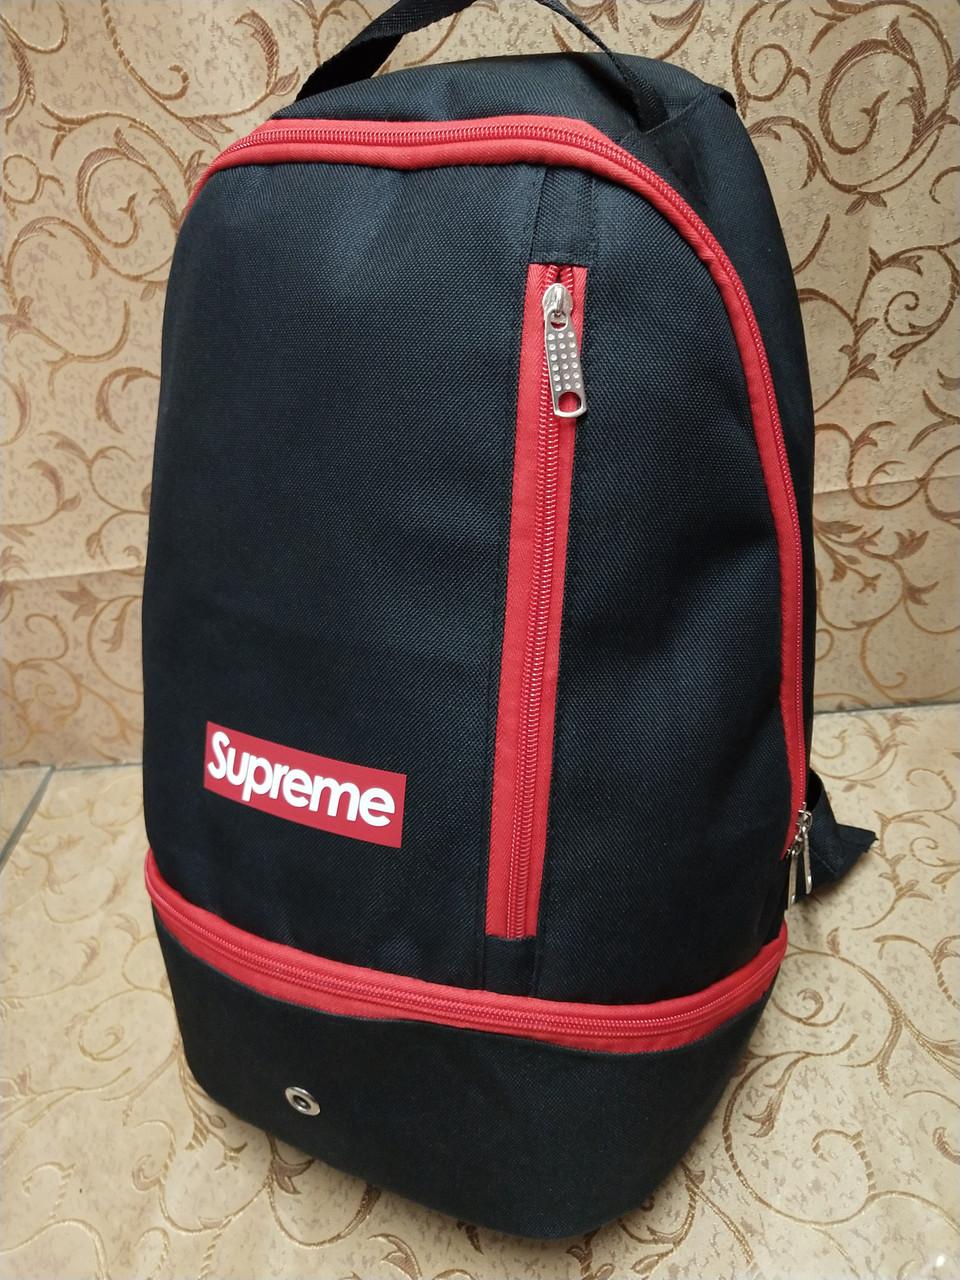 Рюкзак спортивны Supreme Оксфорд ткань  Новый стиль/Рюкзак спорт городской стильный